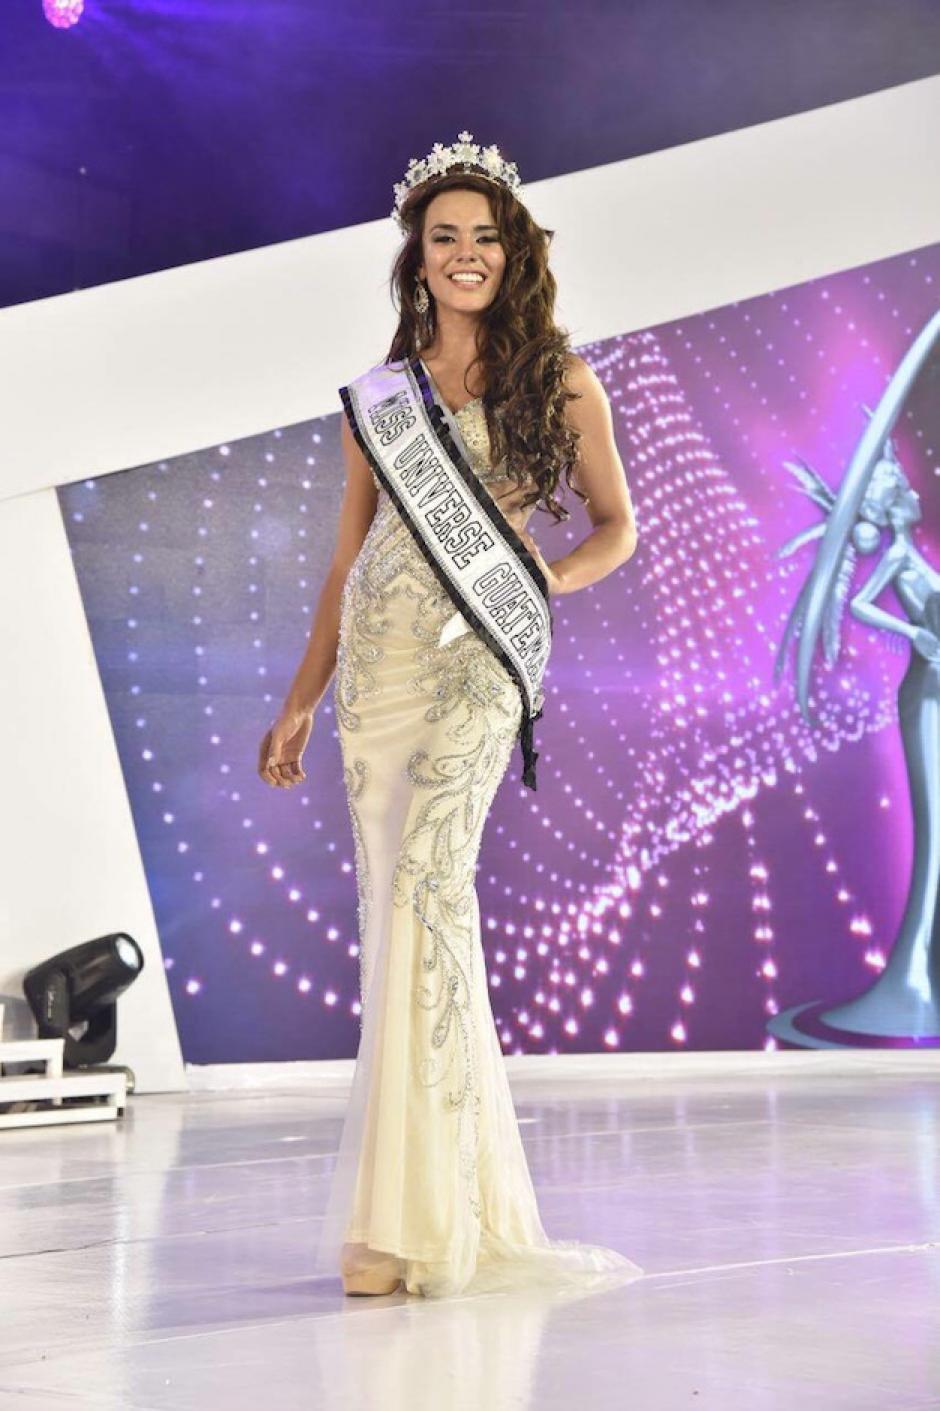 Virginia mostró su elegancia y actitud durante el certamen. (Foto: Abner Salguero/Nuestro Diario)